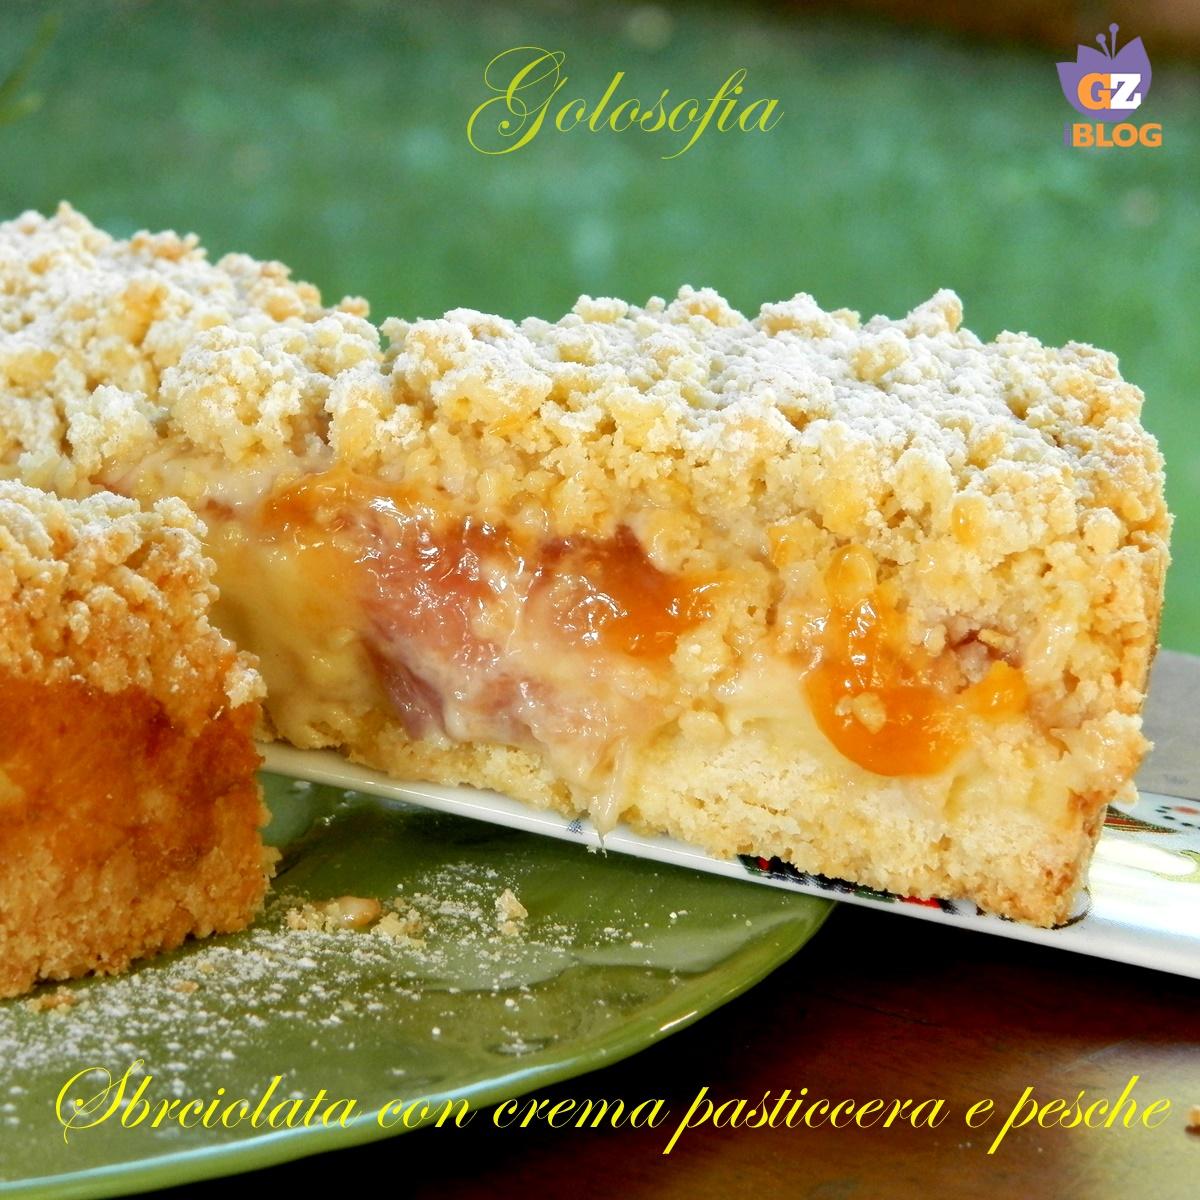 Sbriciolata con crema pasticcera e pesche-ricetta torte-golosofia